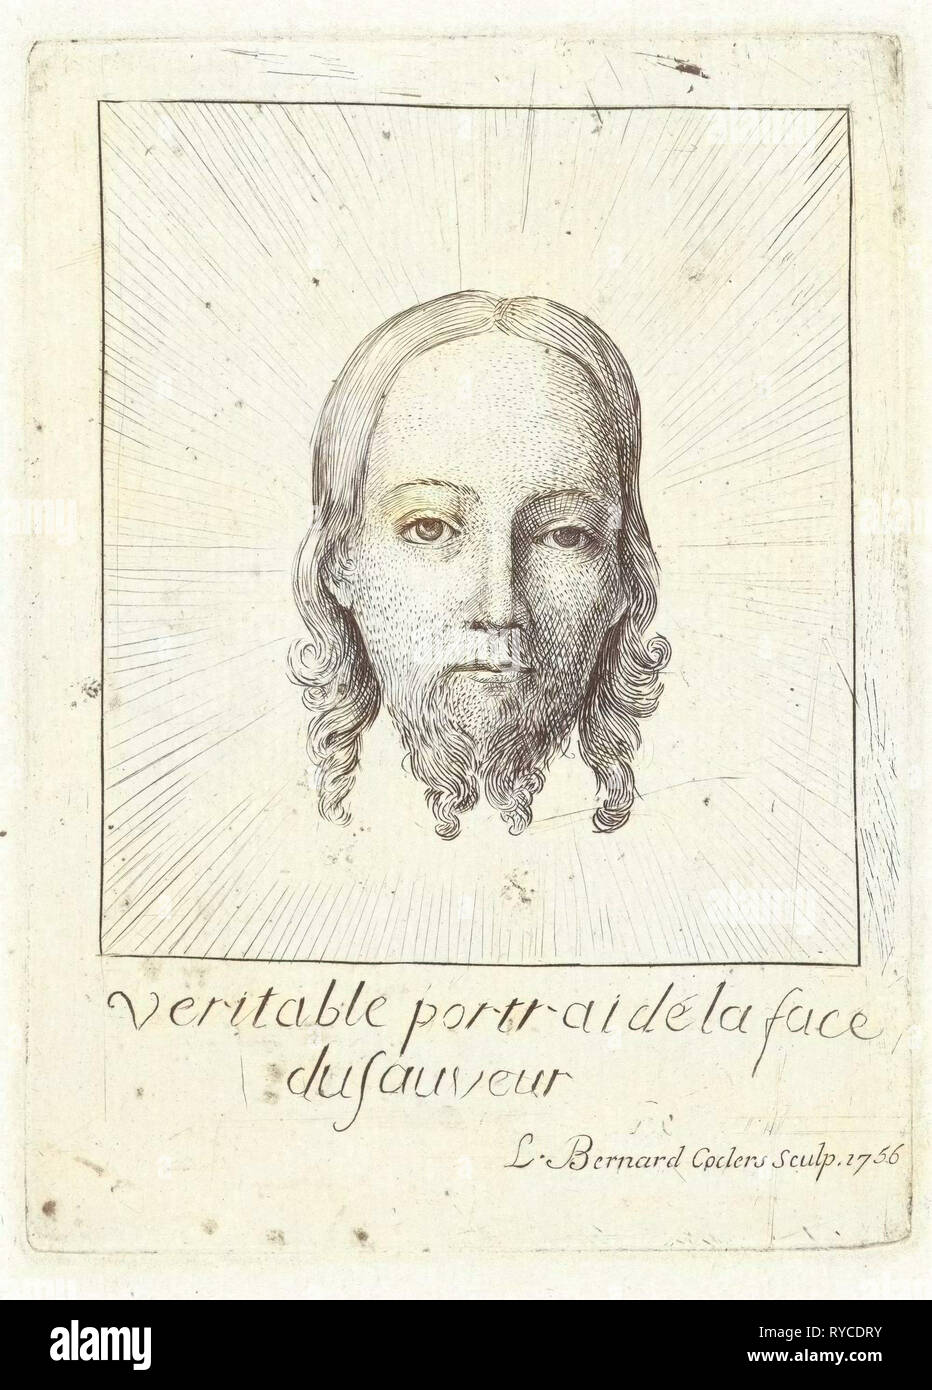 Kopf des Christus in Herrlichkeit, drucken Hersteller: Louis Bernard Coclers, Jan Van Eyck möglicherweise, 1756 Stockbild